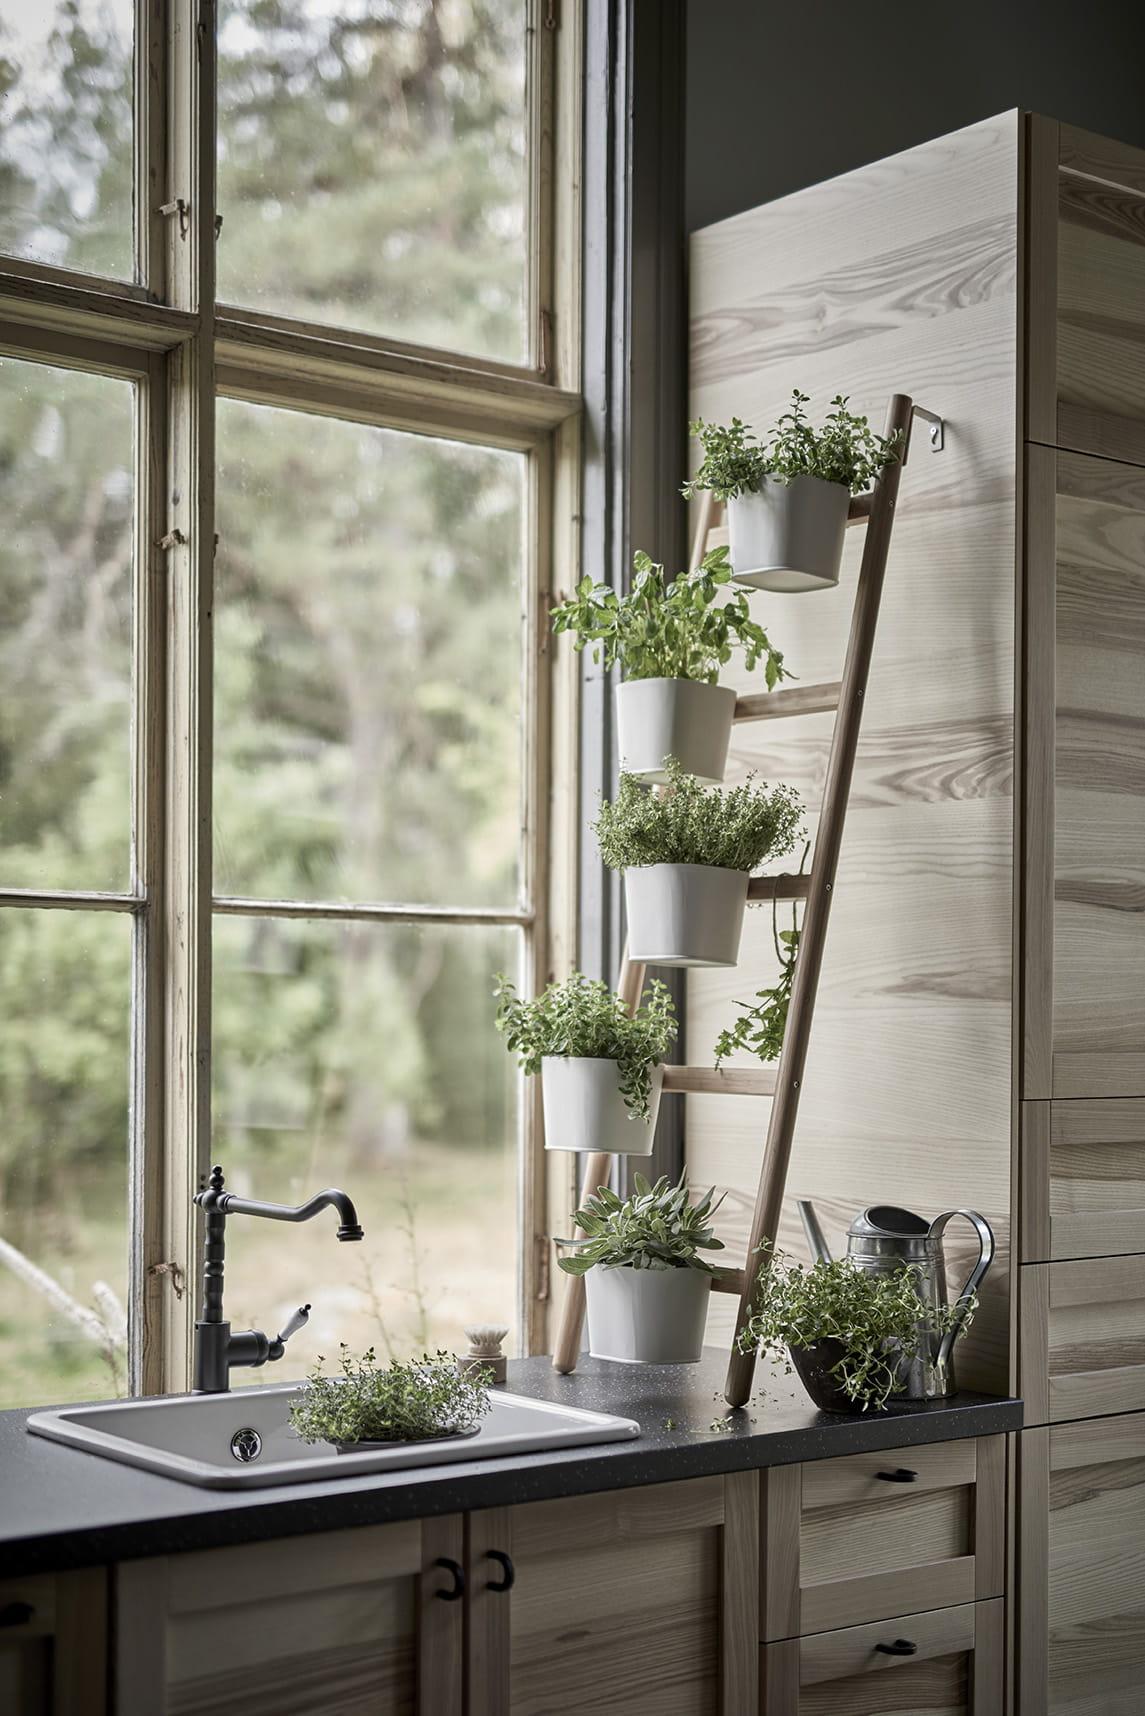 Coup De Cœur Les Supports Pour Plantes Satsumas D Ikea